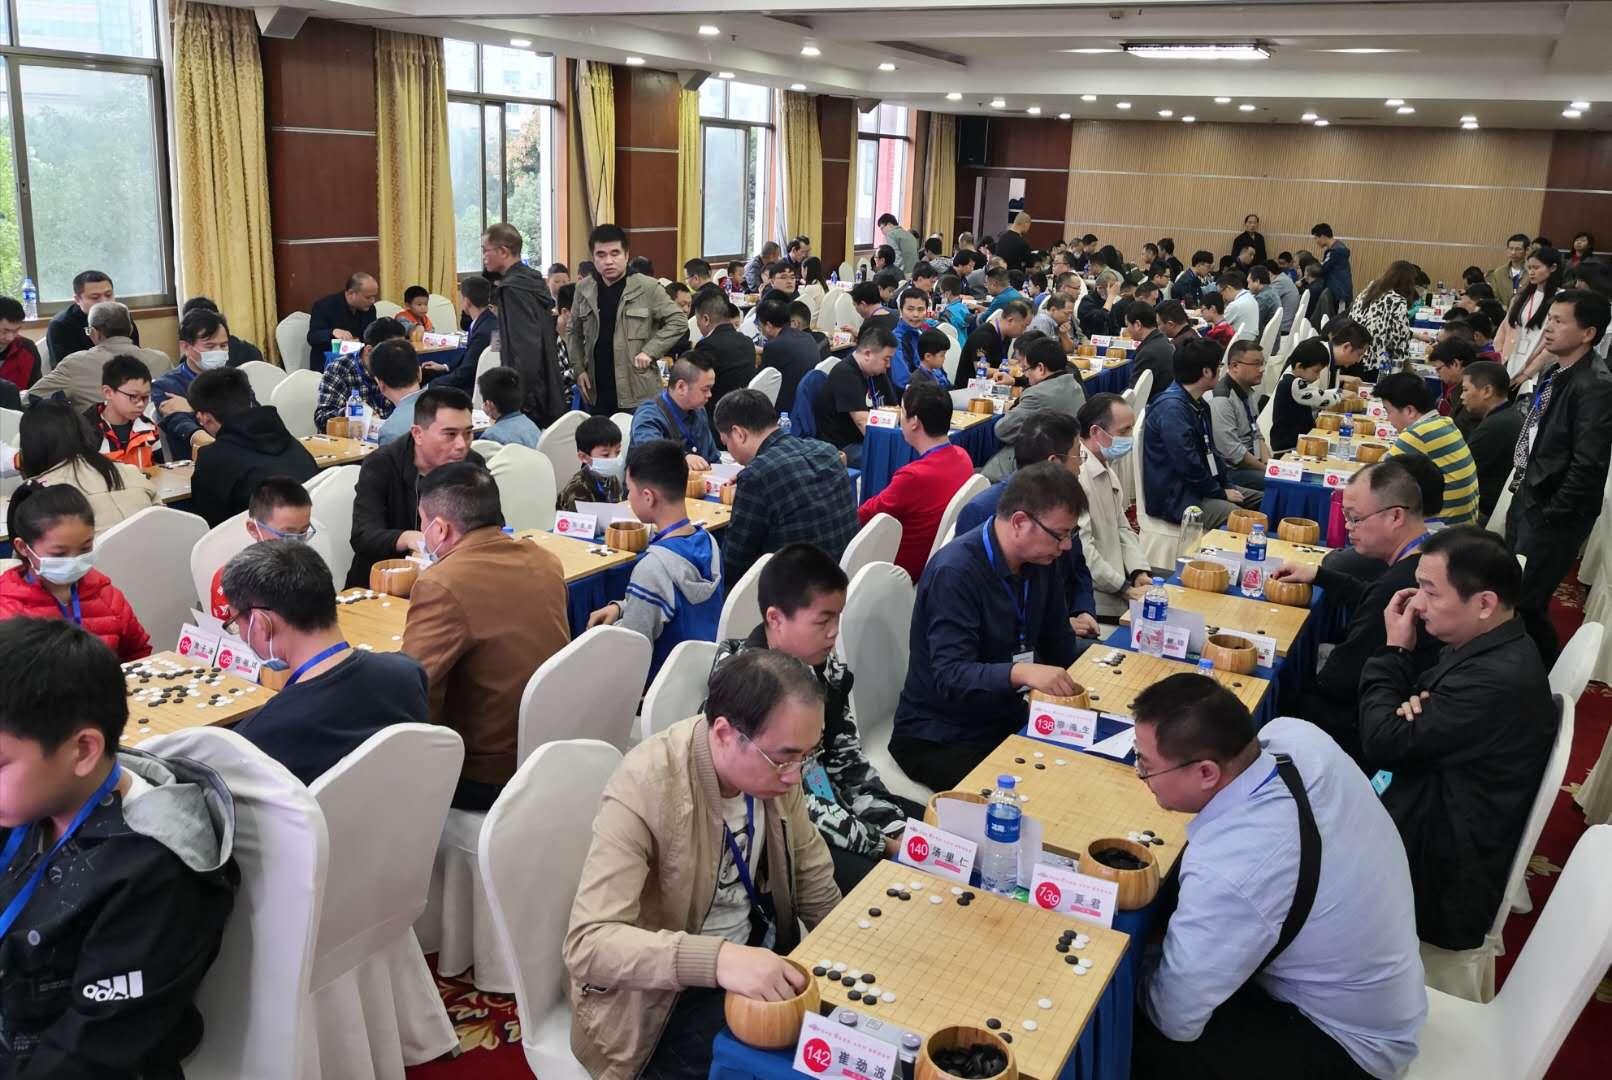 湖南省第35届围棋锦标赛在株举行,让围棋成为株洲的新名片